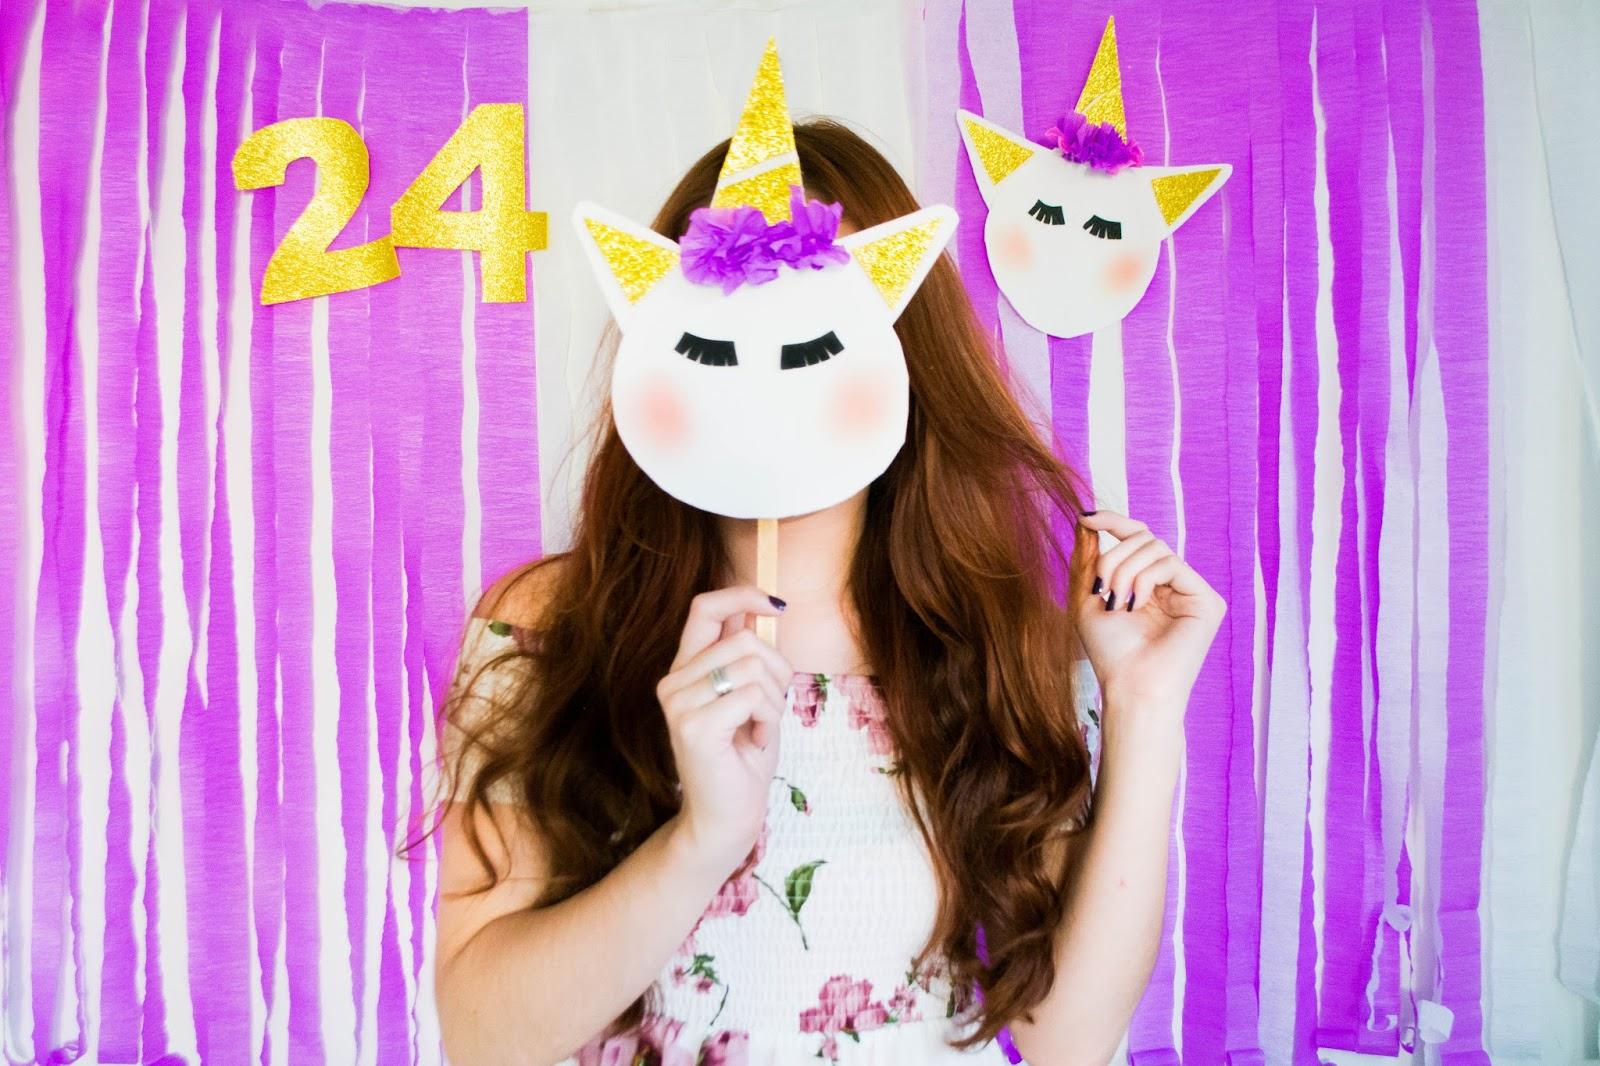 Vlog: Meu Aniversário - Bolo de Unicórnio, decoração e muito amor ♥